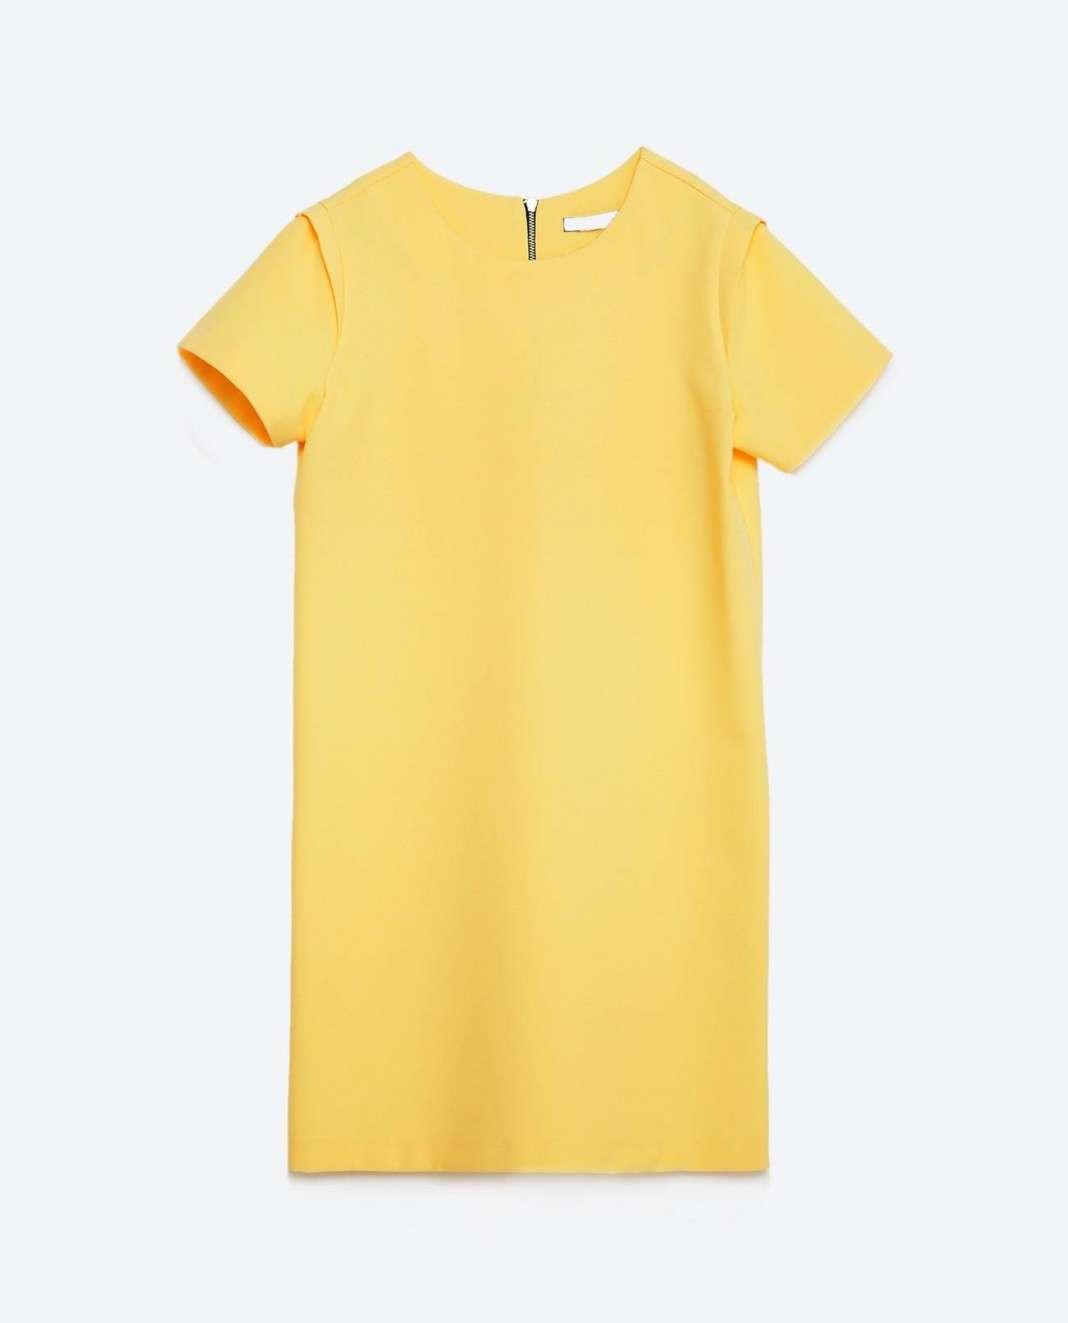 vestidos de Zara para el verano 2016 amarillo recto